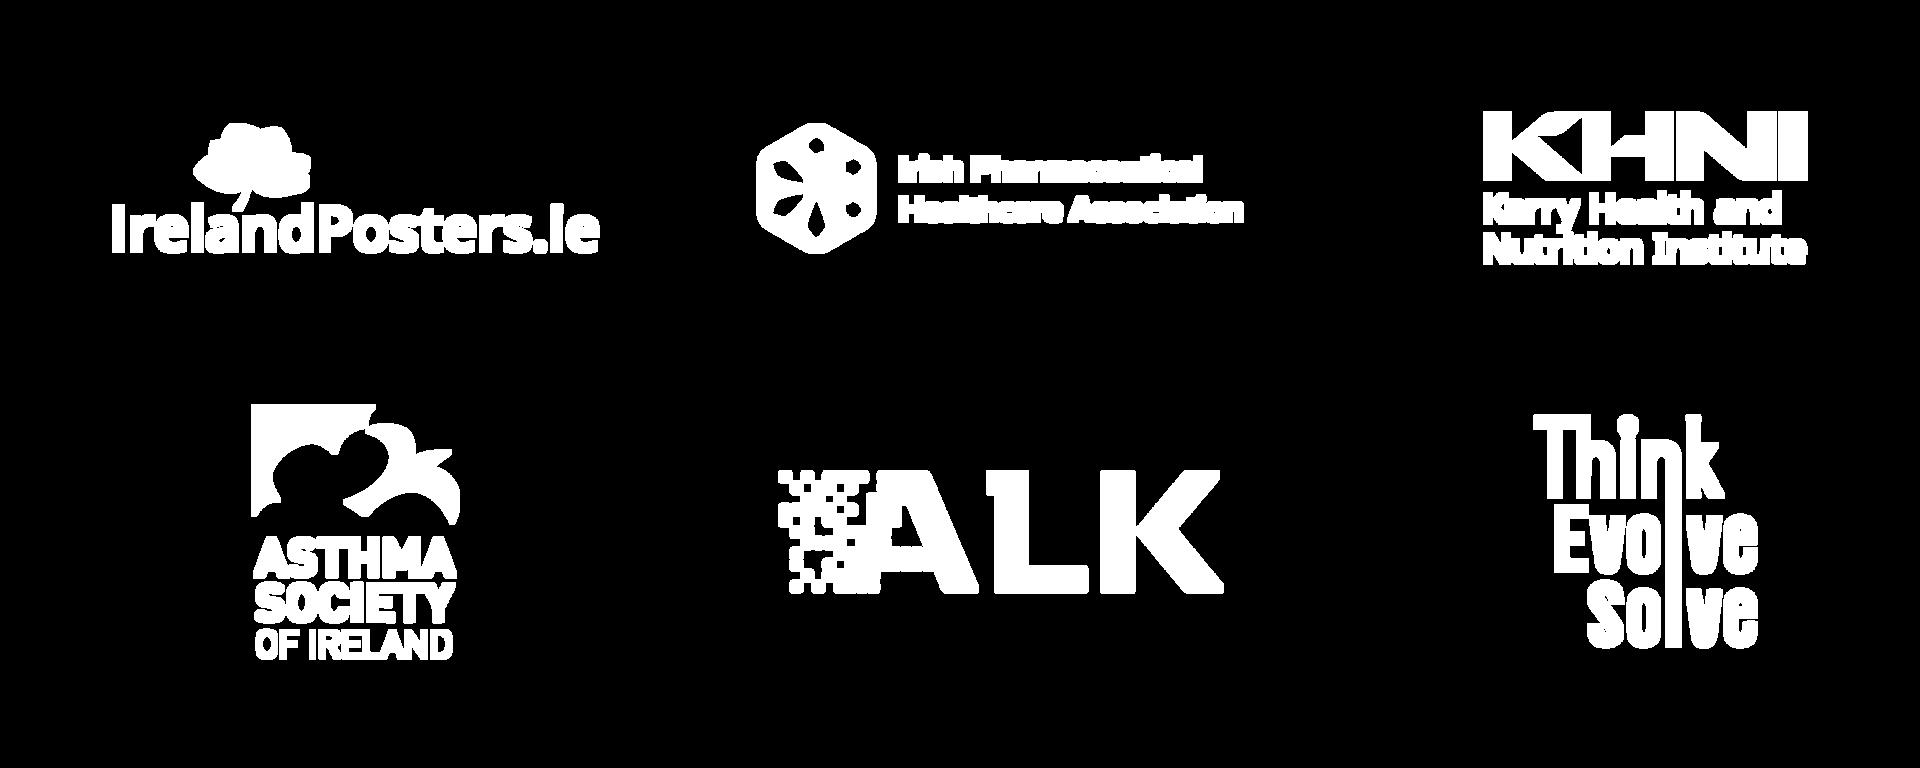 Etch Communications | Clients